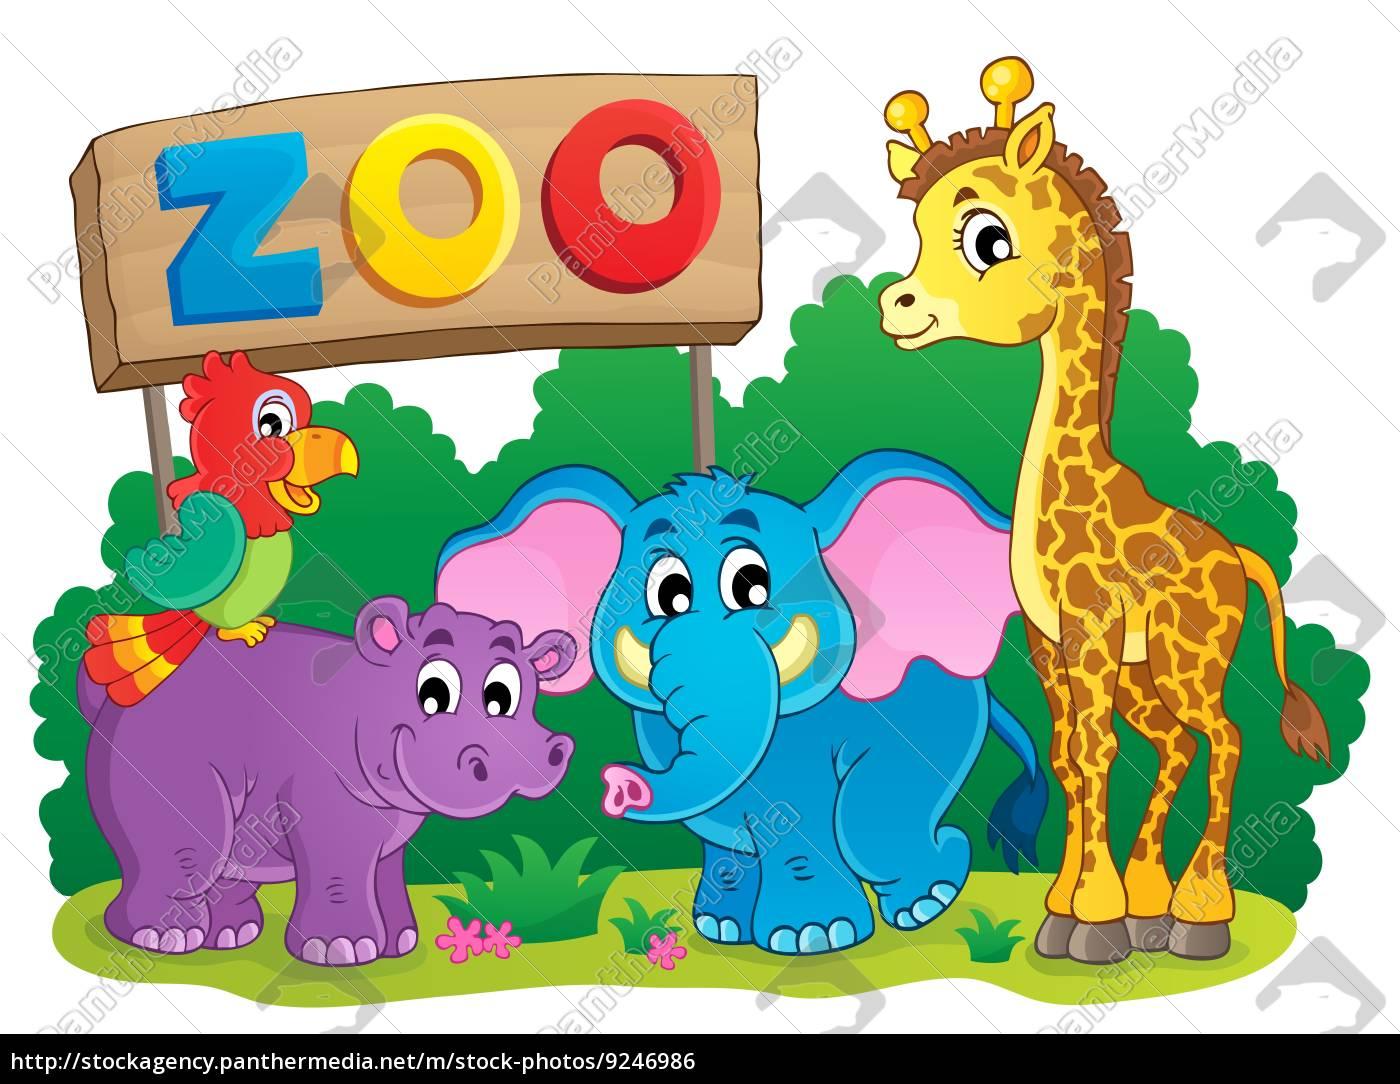 süße, afrikanische, tiere, thema, bild, 6 - 9246986